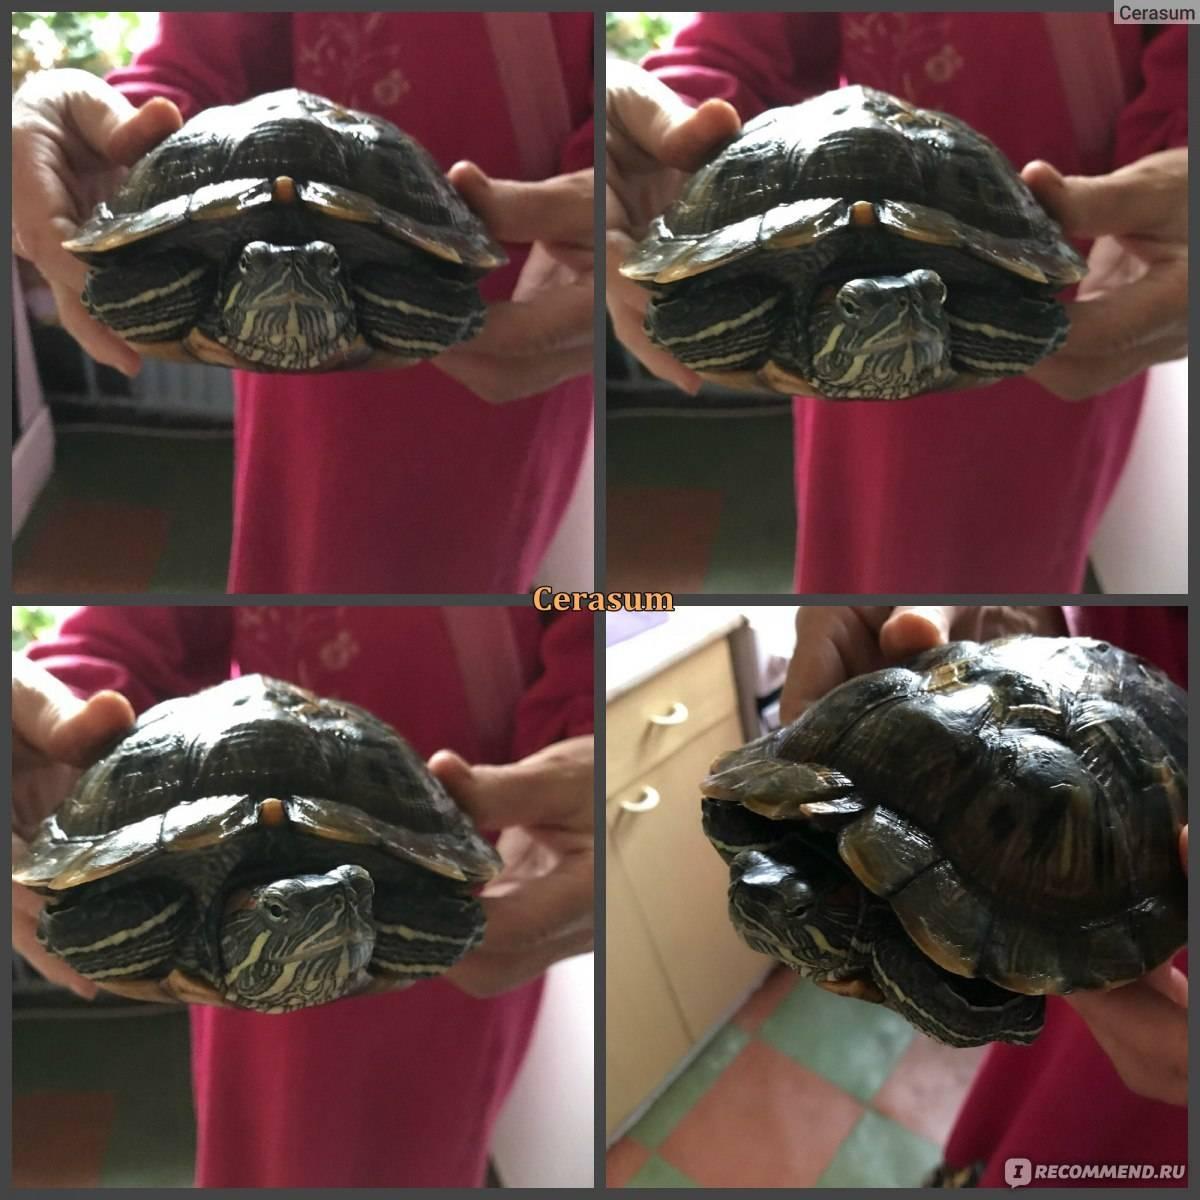 Как определить возраст красноухой черепахи